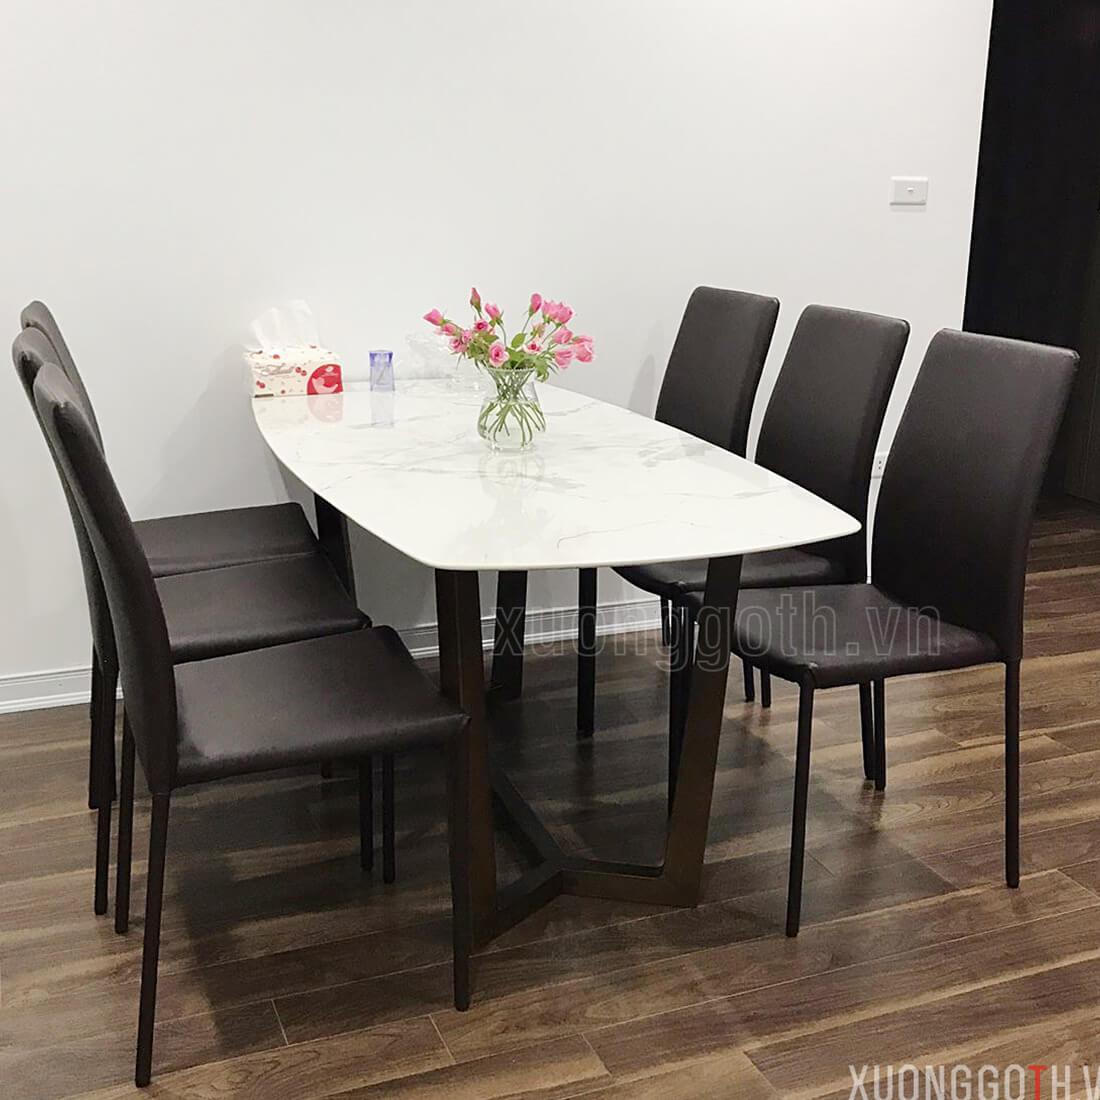 Bộ bàn ăn gỗ mặt đá Concorde + ghế Linda